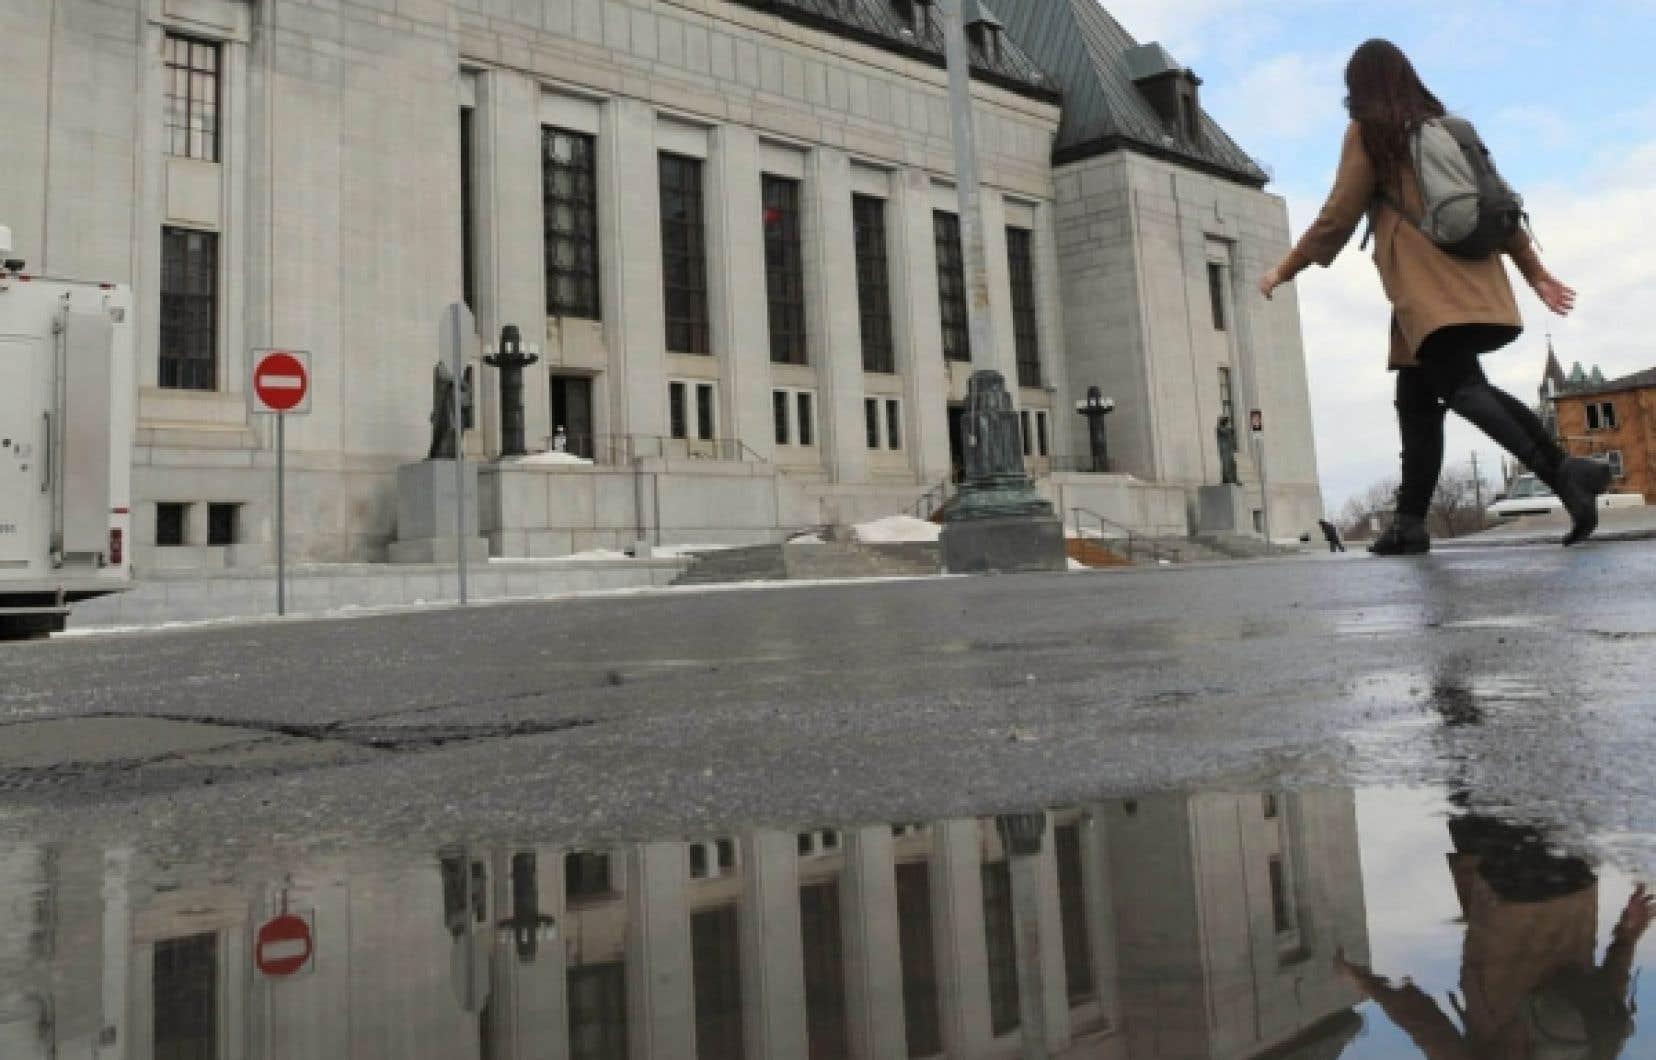 Selon les neuf juges de la Cour suprême du Canada, les parents n'ont pas su démontrer que le contenu du cours et la façon dont il était enseigné portait atteindre à leurs droits fondamentaux.